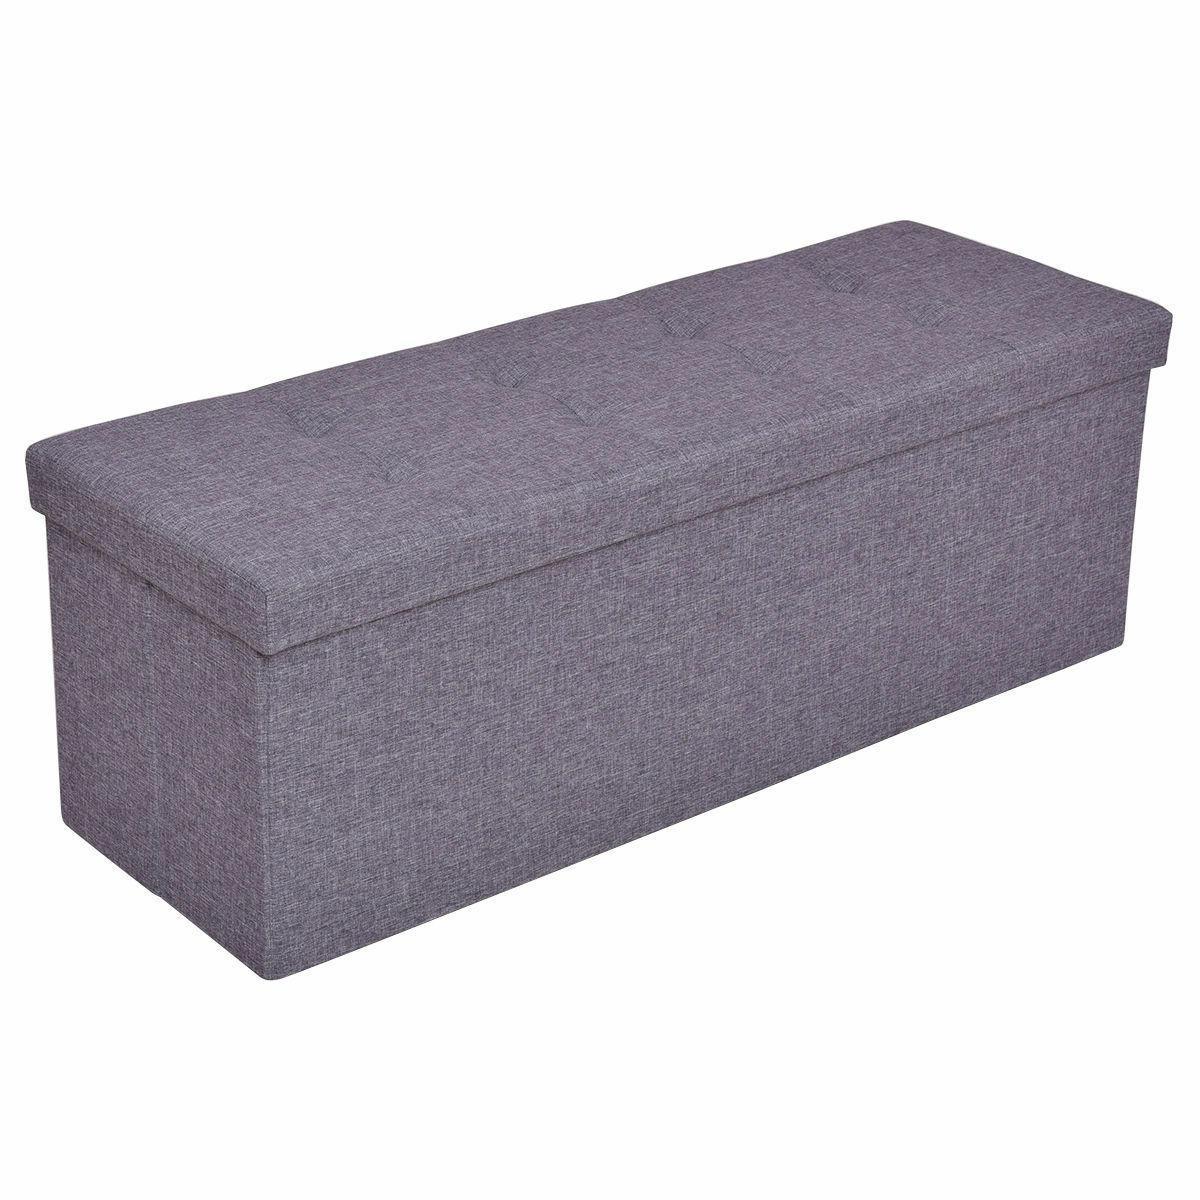 Gray Bench Storage Footrest